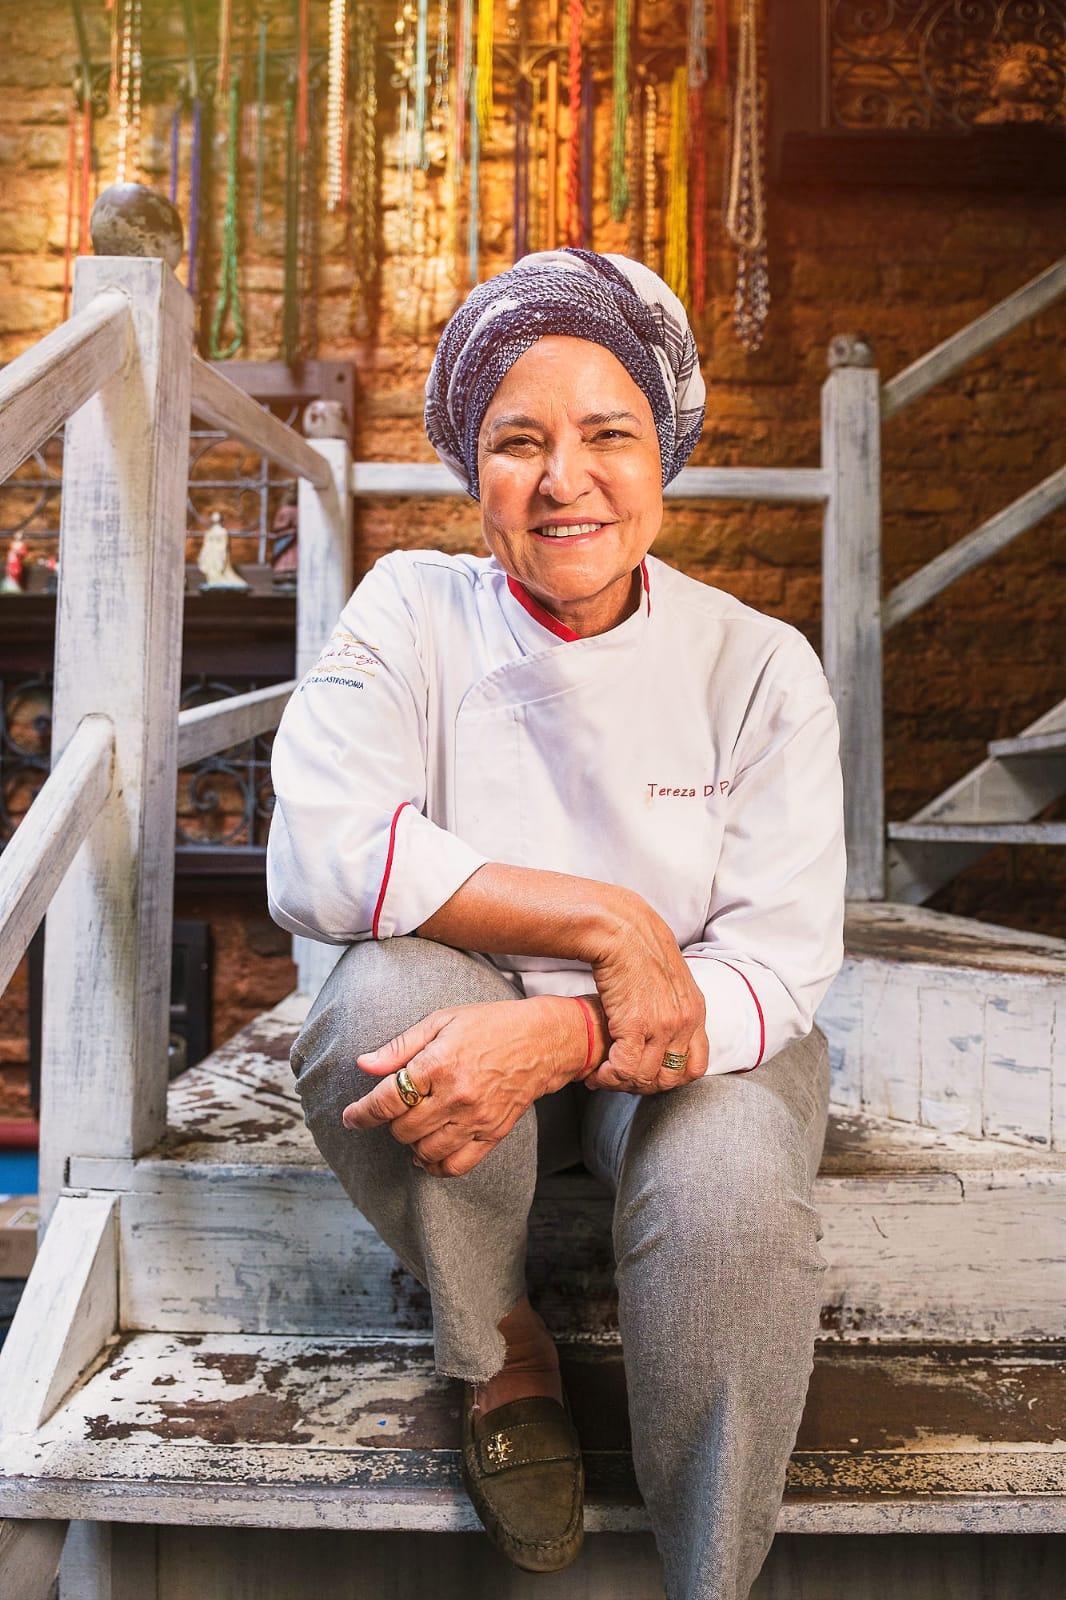 Restaurante Casa de Tereza completa 9 anos no dia de Cosme e Damião